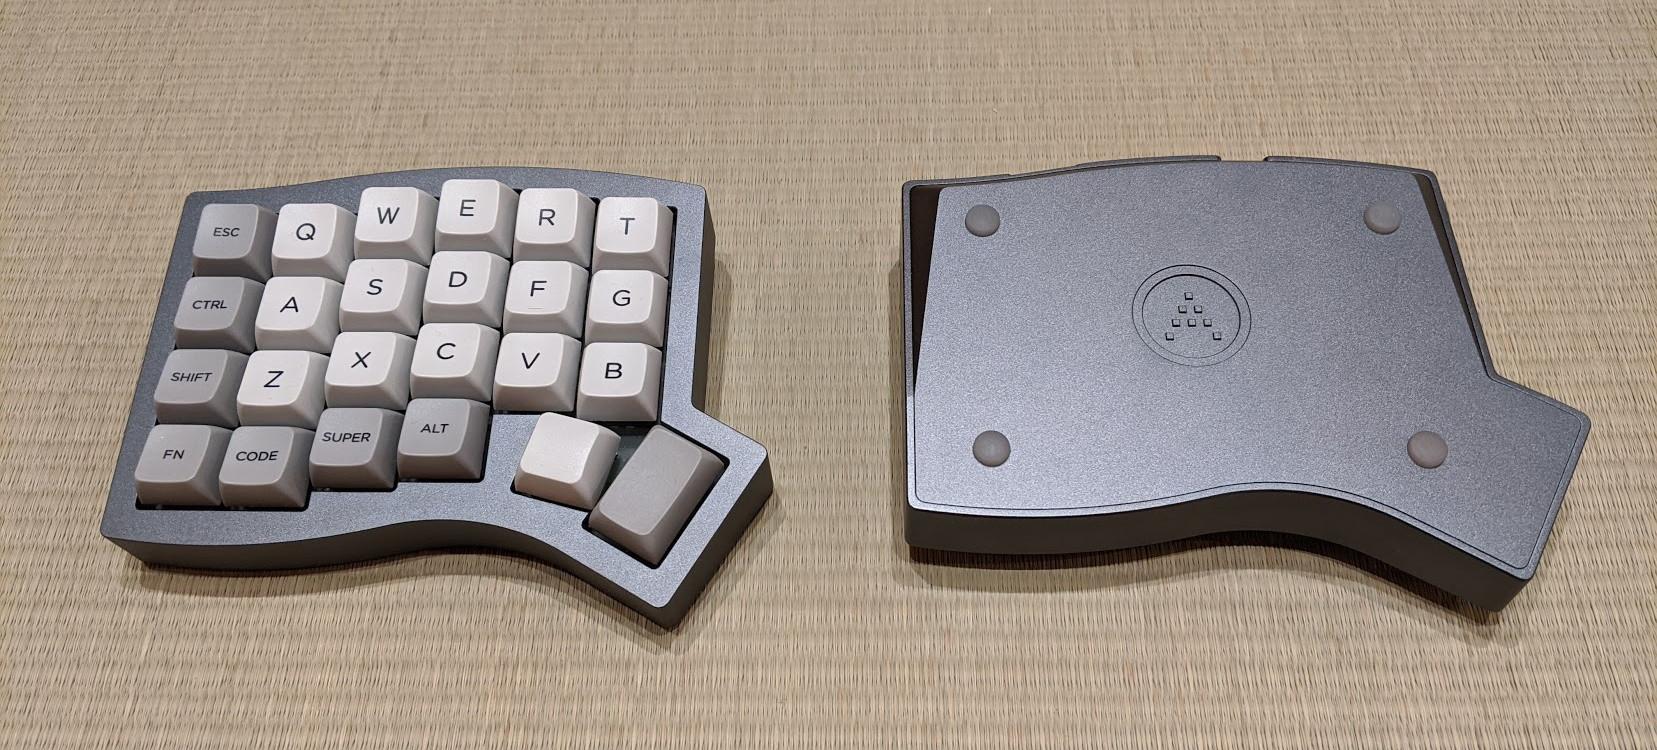 OrbitxNarrow.jpg